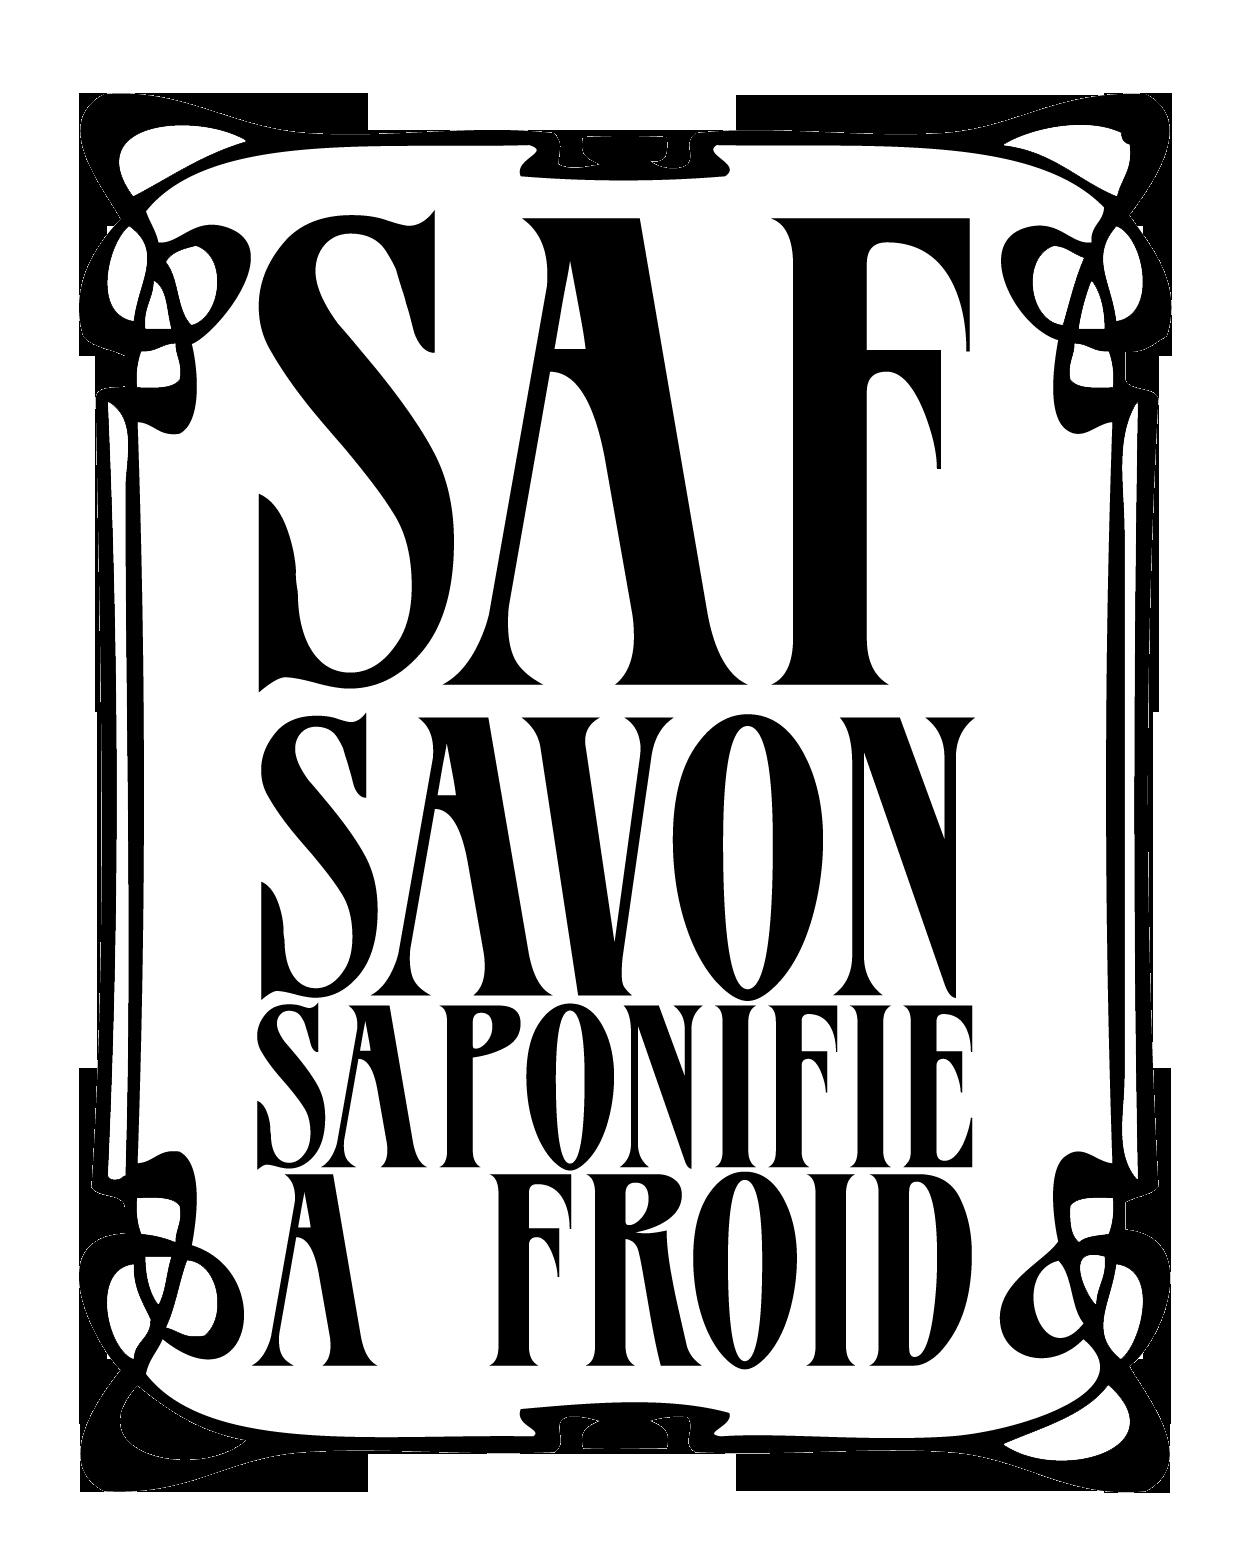 Logo saponification à froid